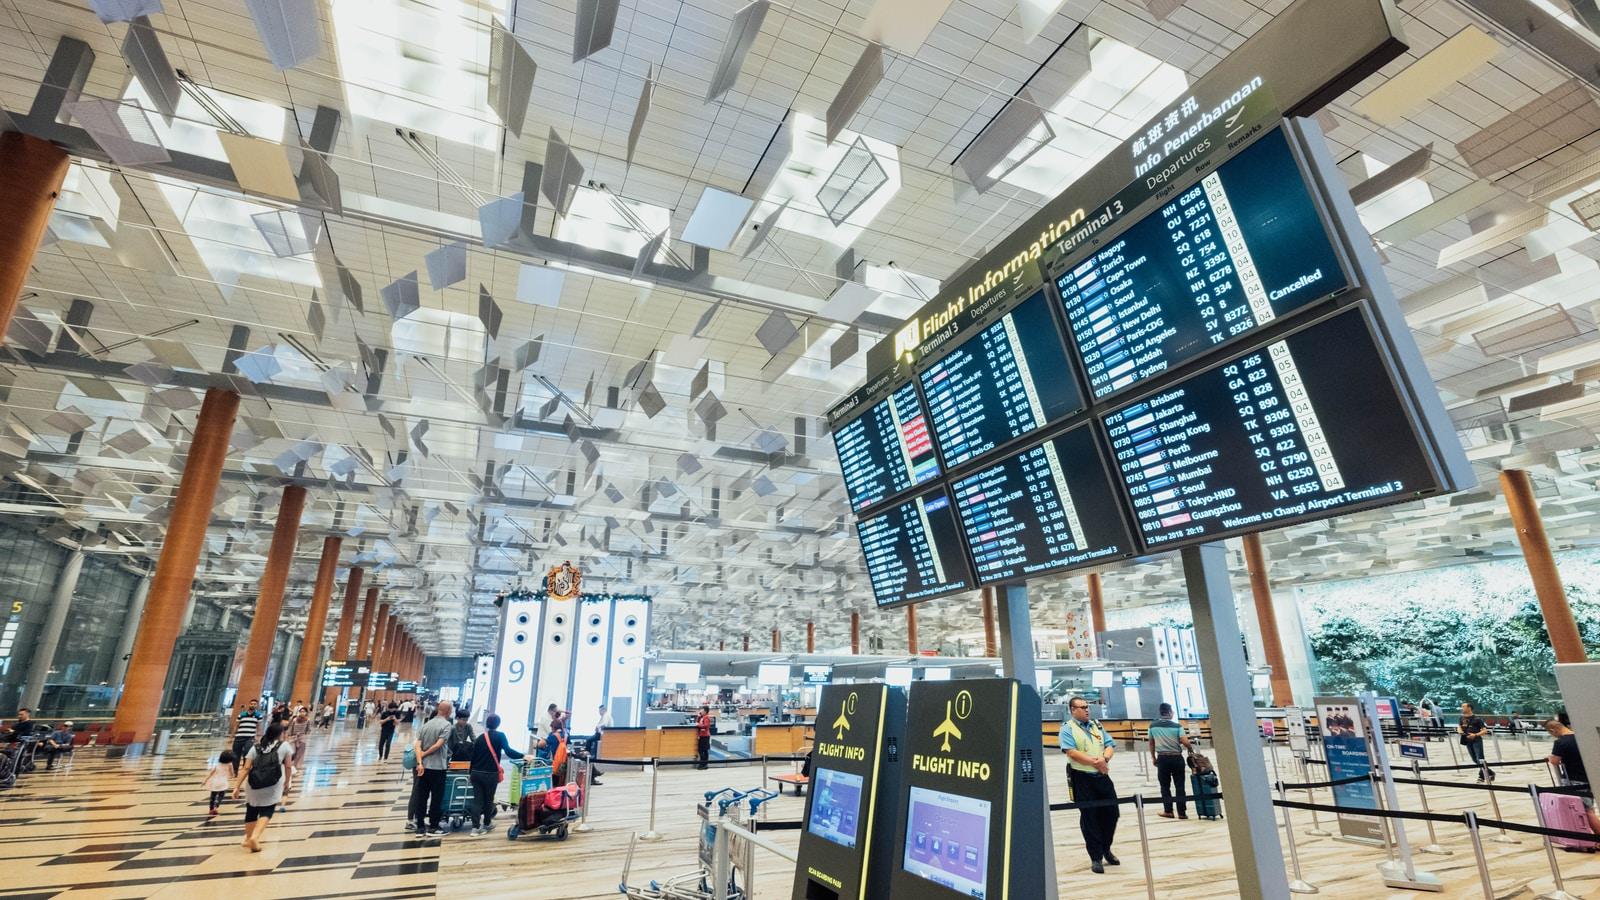 airport departure screen monitors